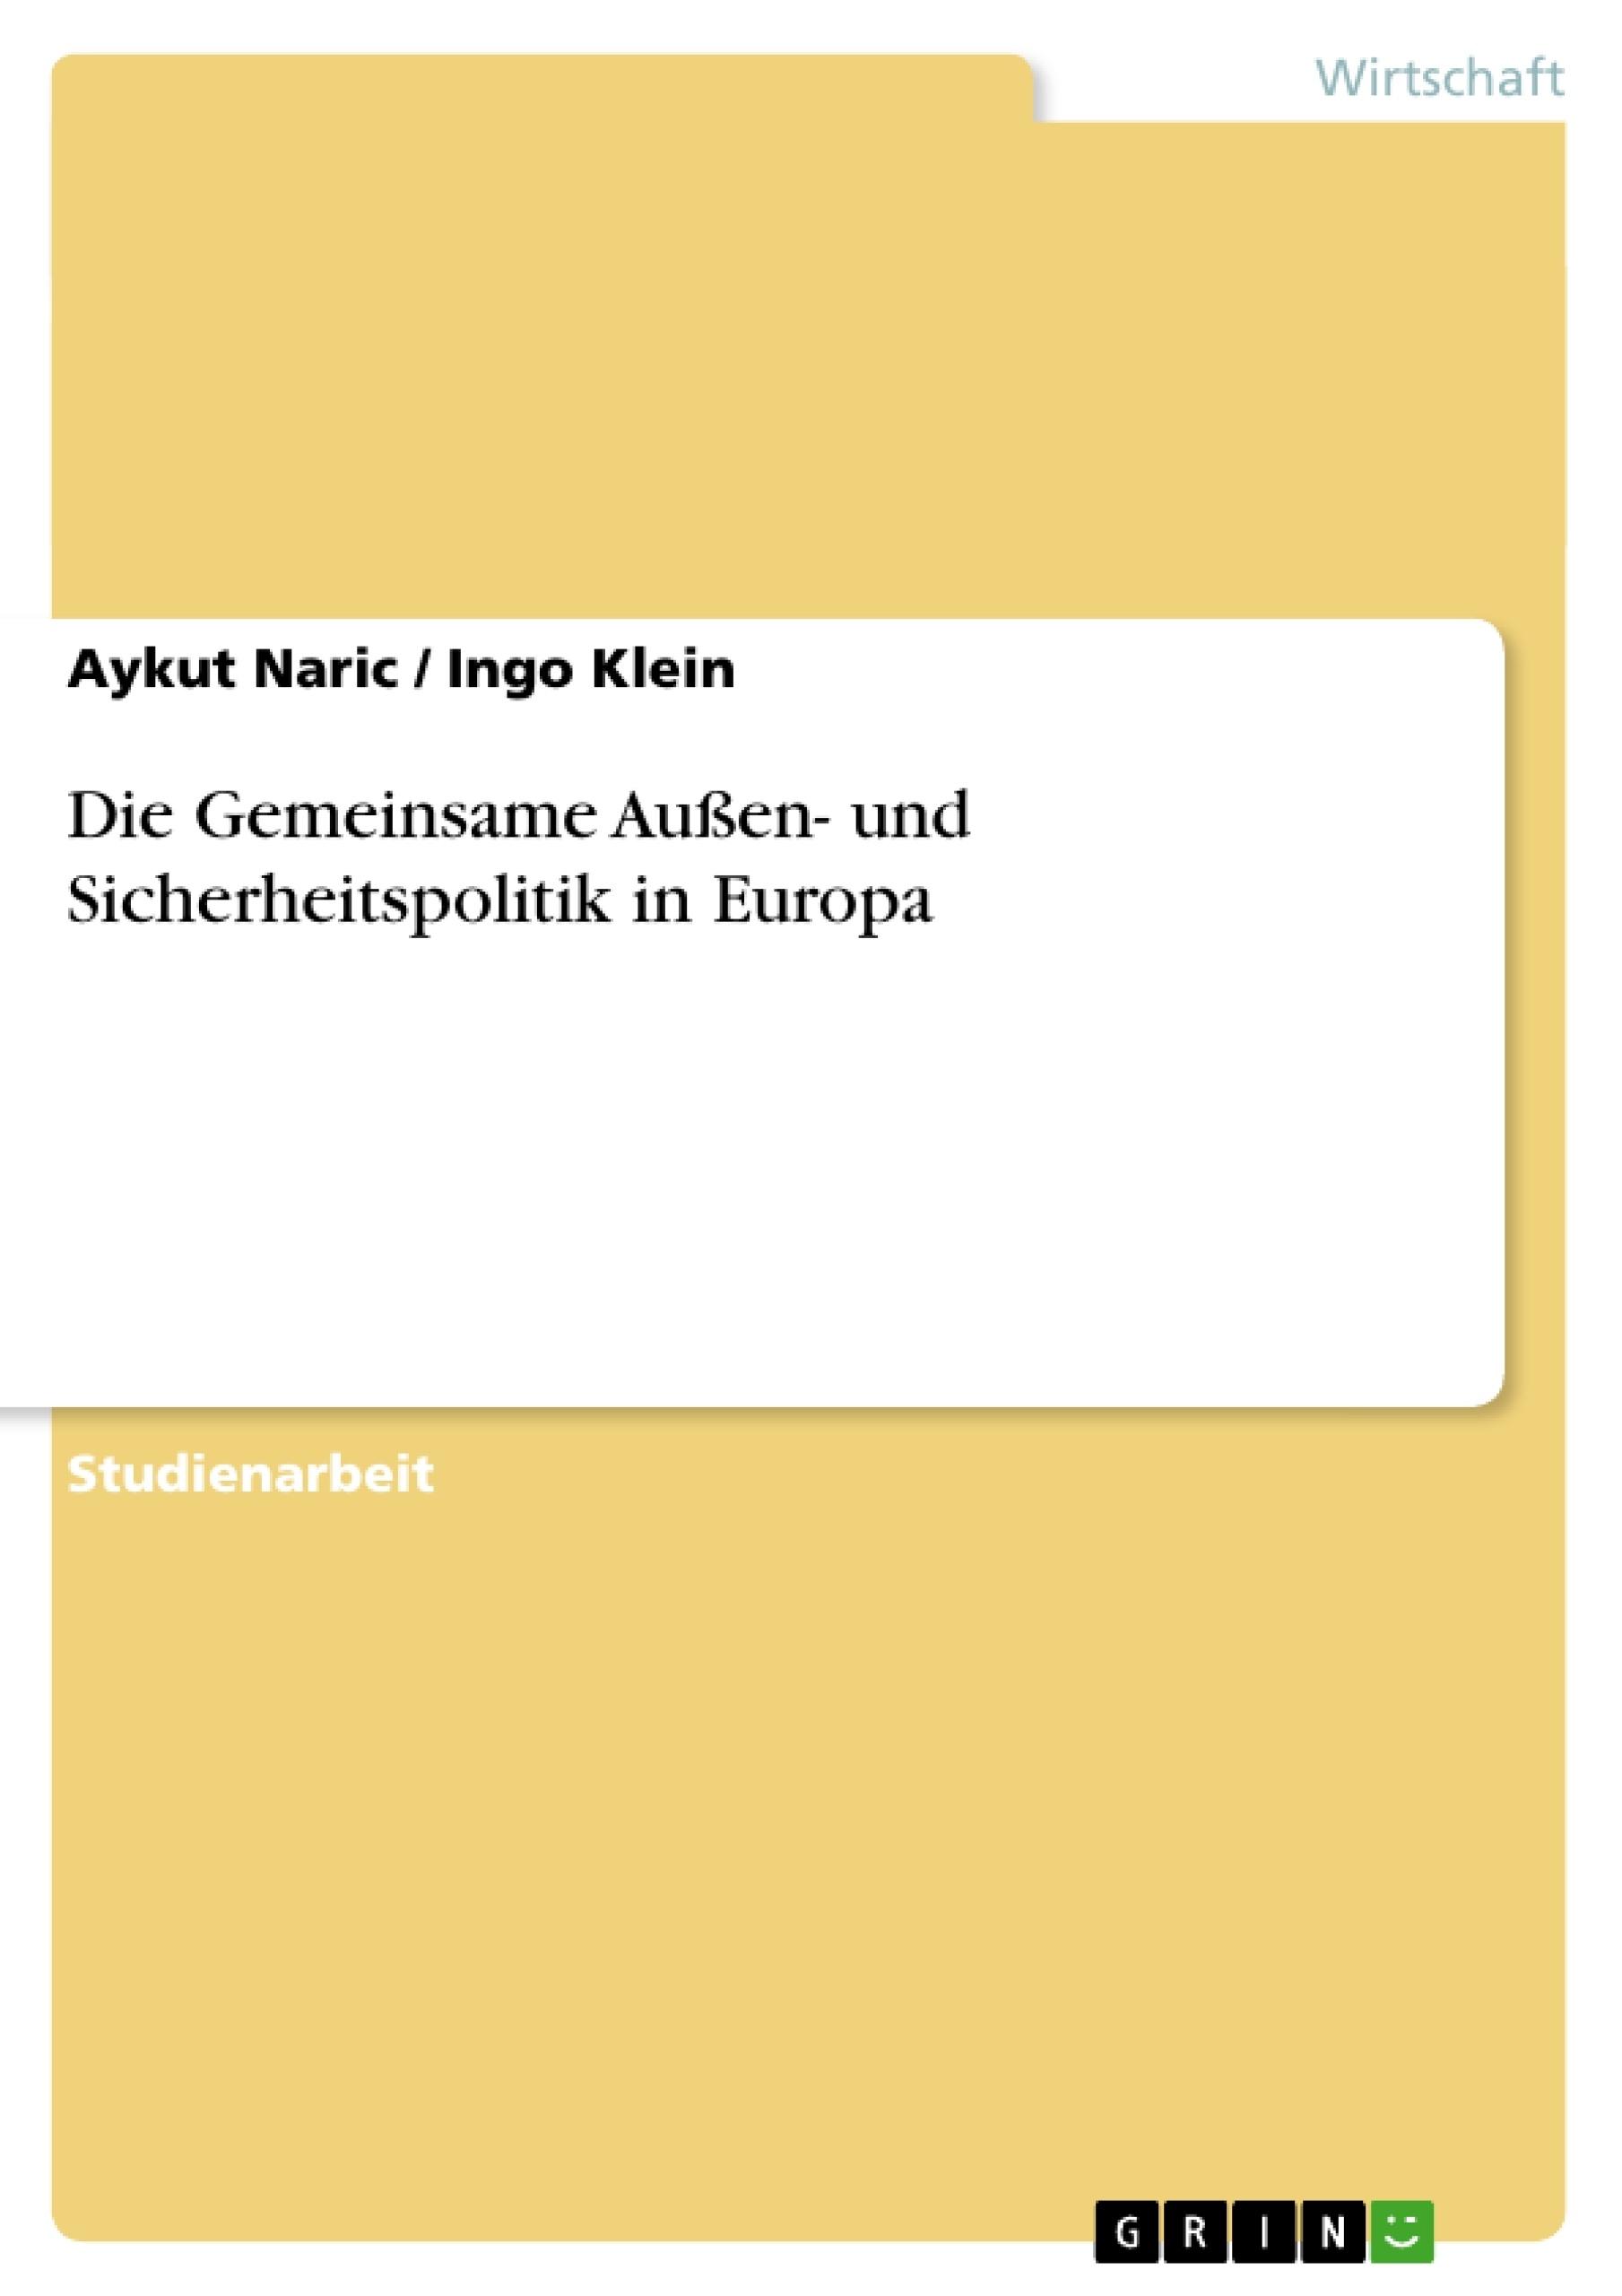 Titel: Die Gemeinsame Außen- und Sicherheitspolitik in Europa